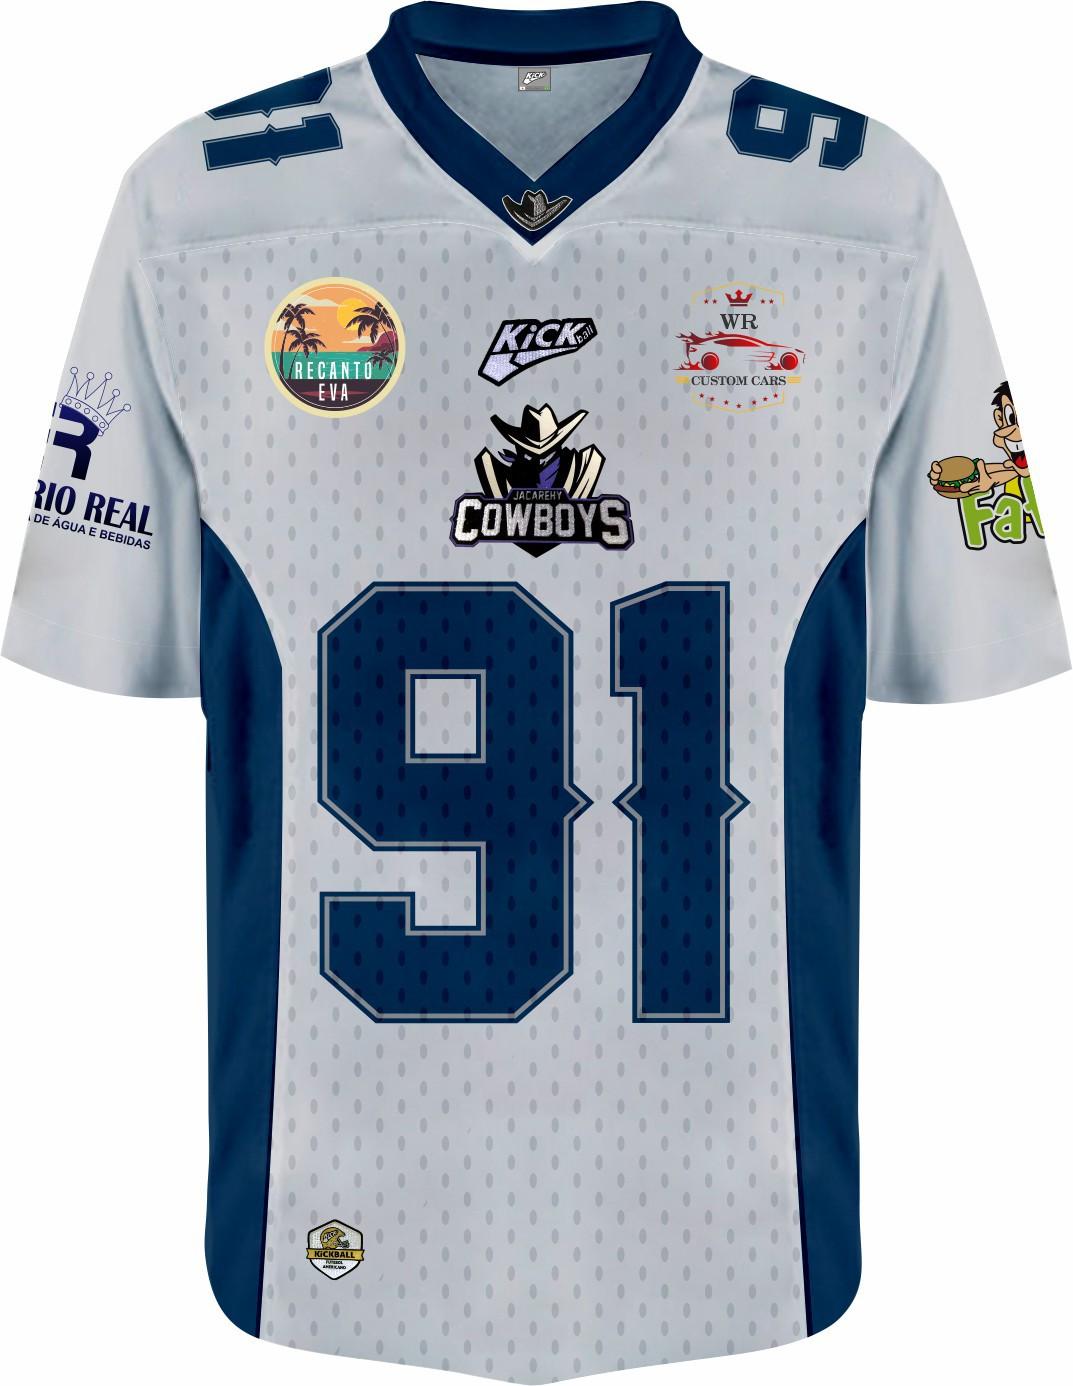 Camisa Of.  Jacarehy Cowboys Jersey Plus Inf. Mod1